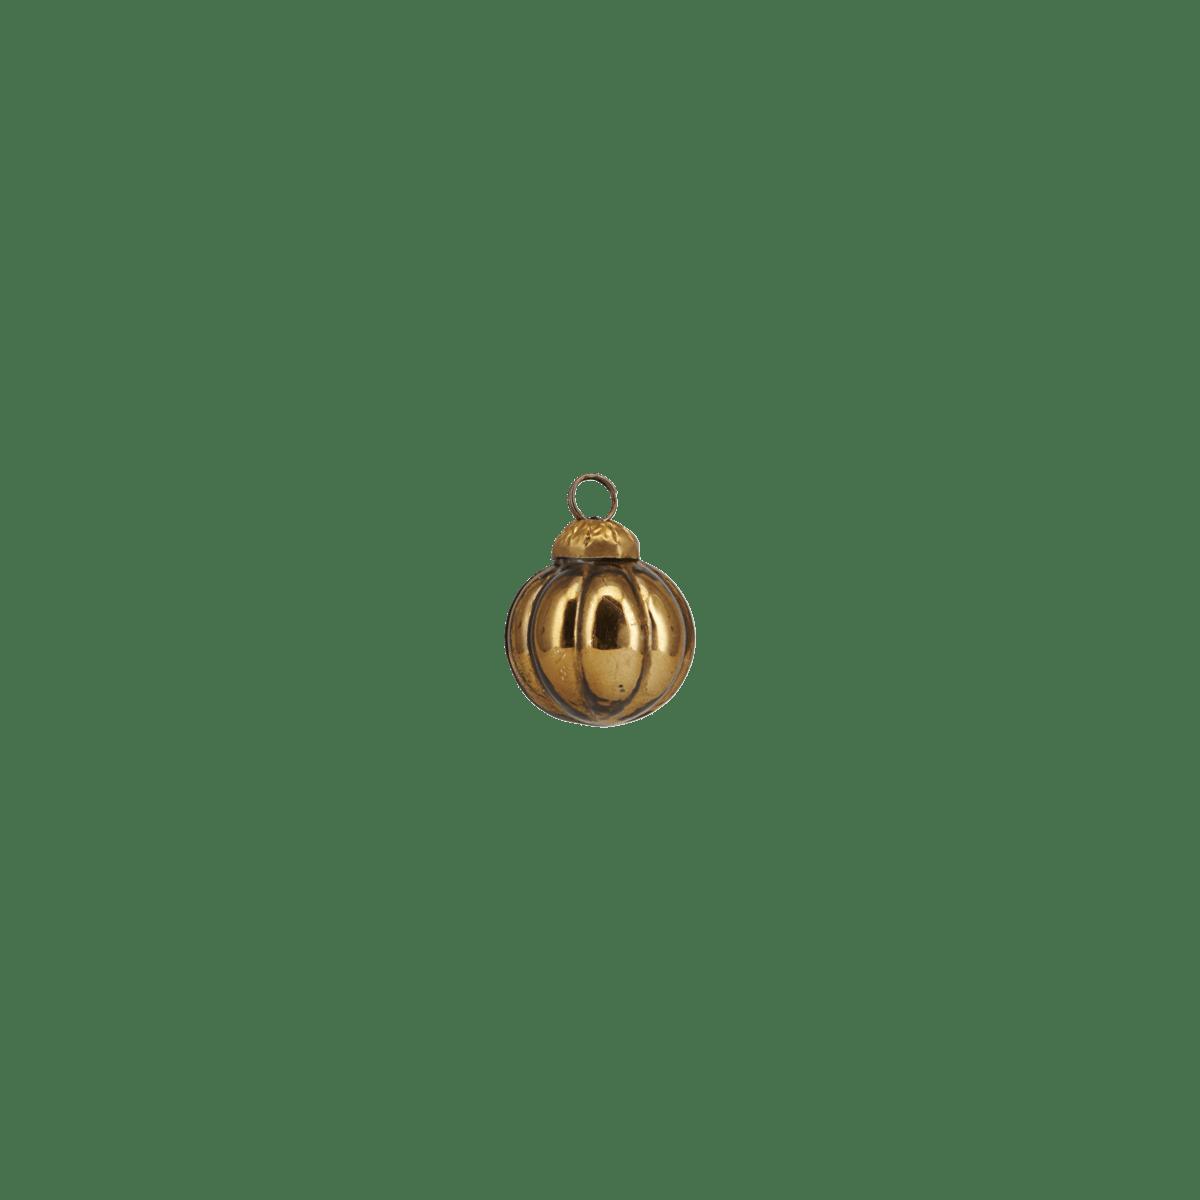 Zlatá ozdobná baňka Thiny